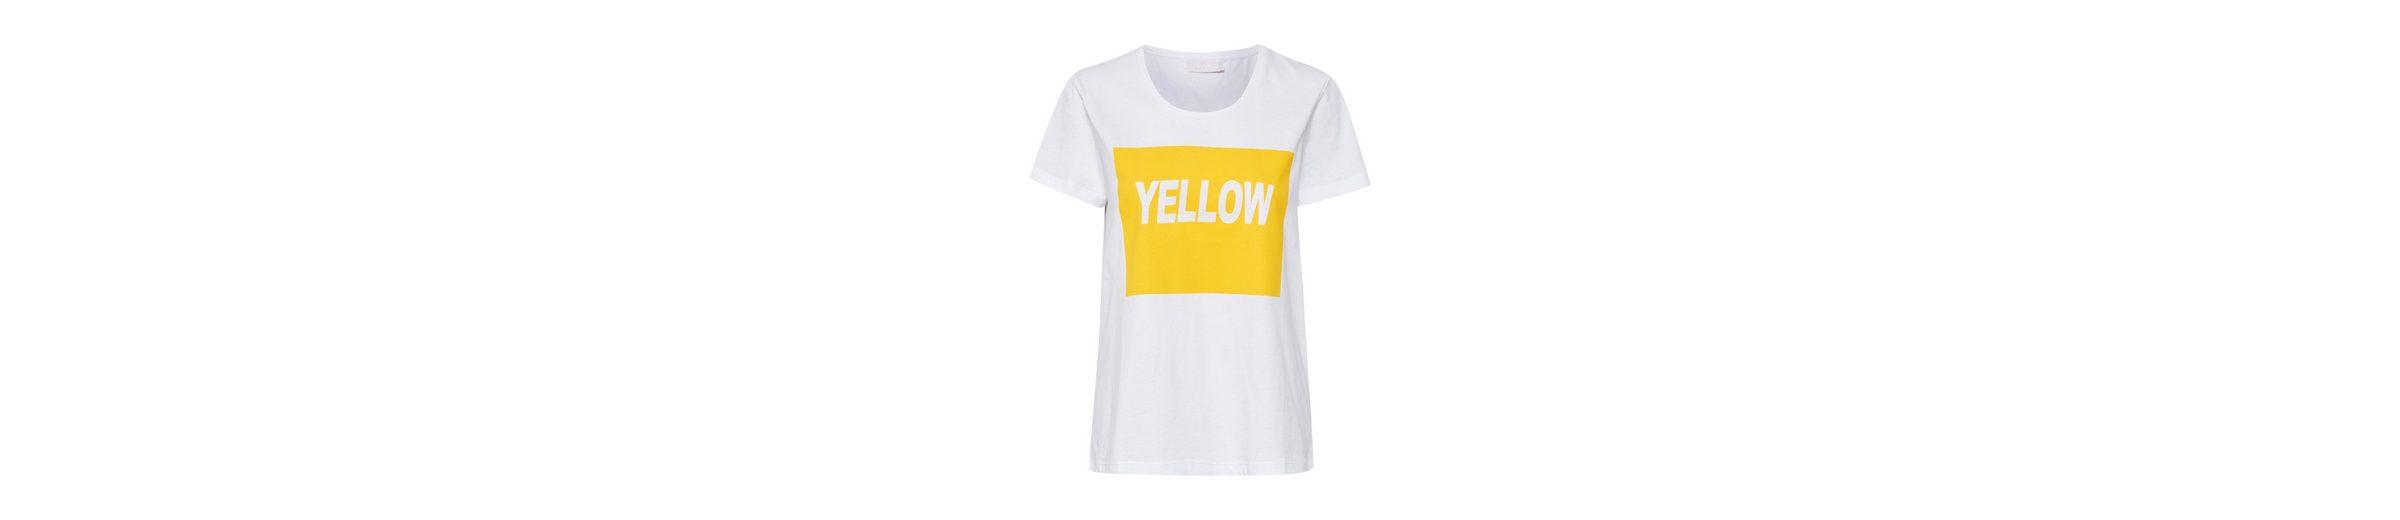 KAFFE T-Shirt Yellow Besuchen Neuen Günstigen Preis Freiraum 100% Authentisch Finish Auslass Truhe Qualität Freies Verschiffen Spielraum Spielraum Store fpeD0W